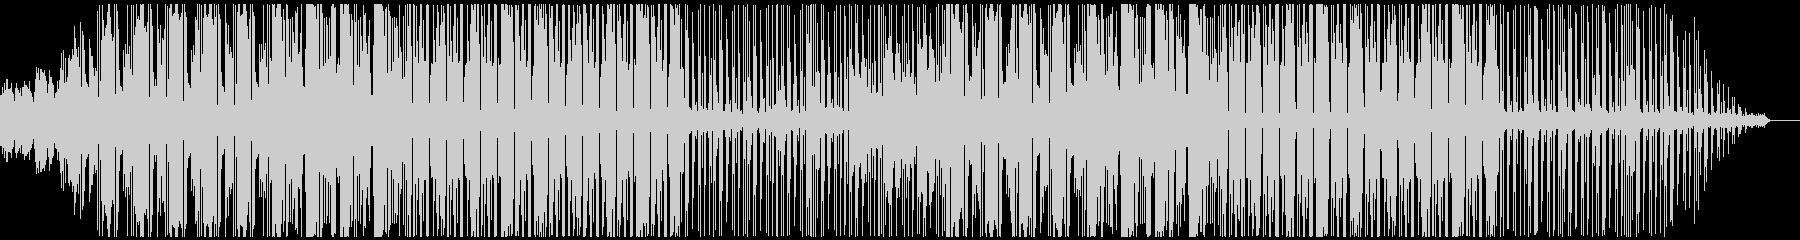 ハイセンスなCMや映像にぴったりな音楽の未再生の波形